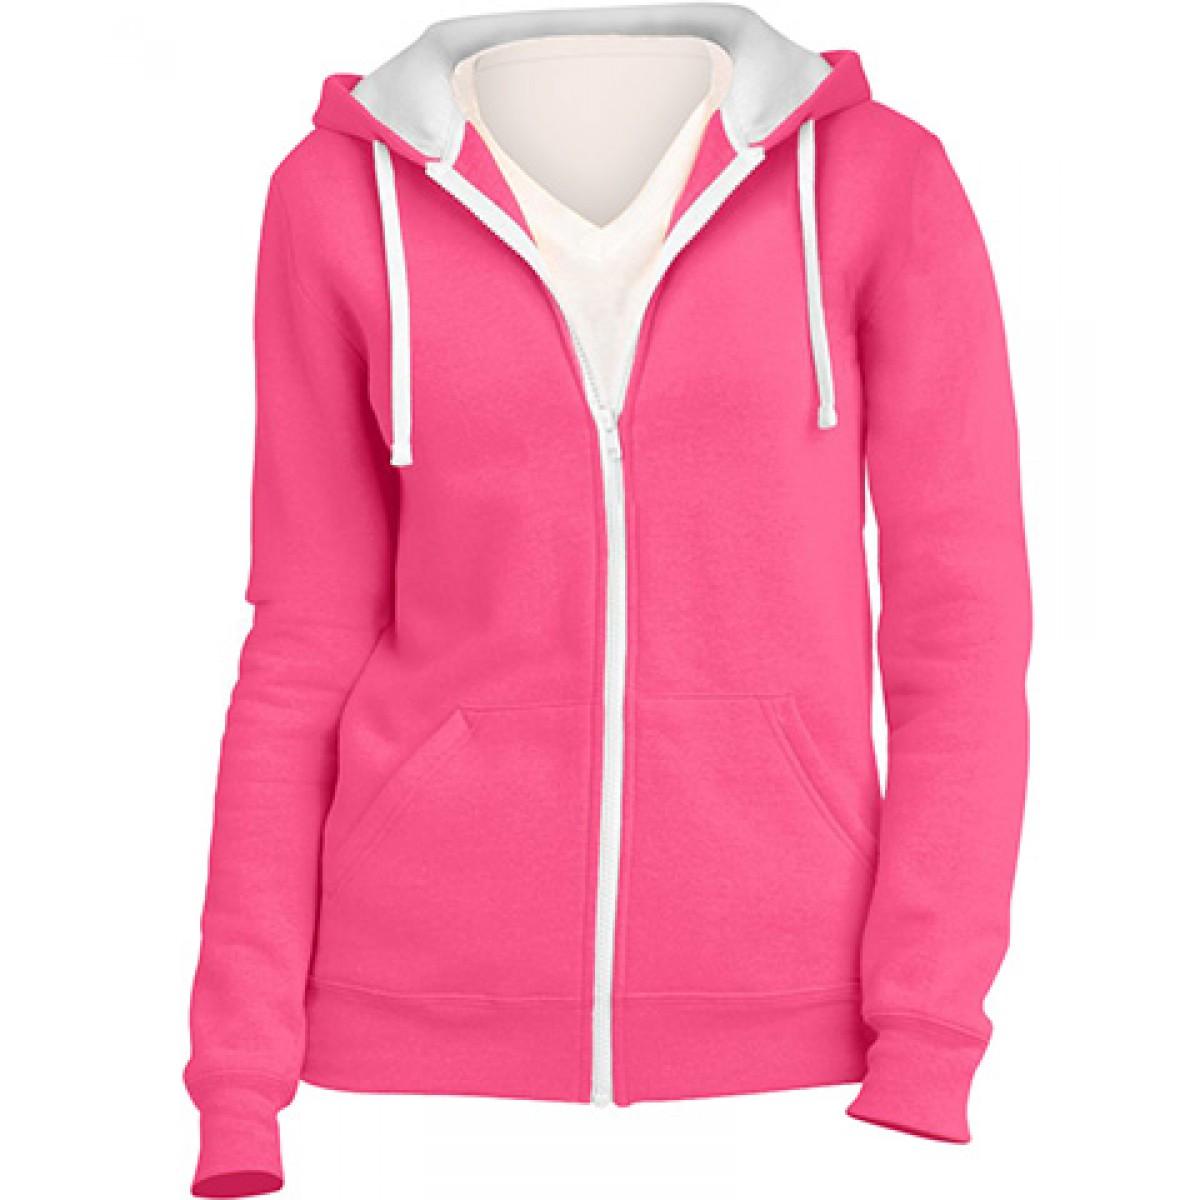 Juniors Full-Zip Hoodie-Neon Pink-3XL